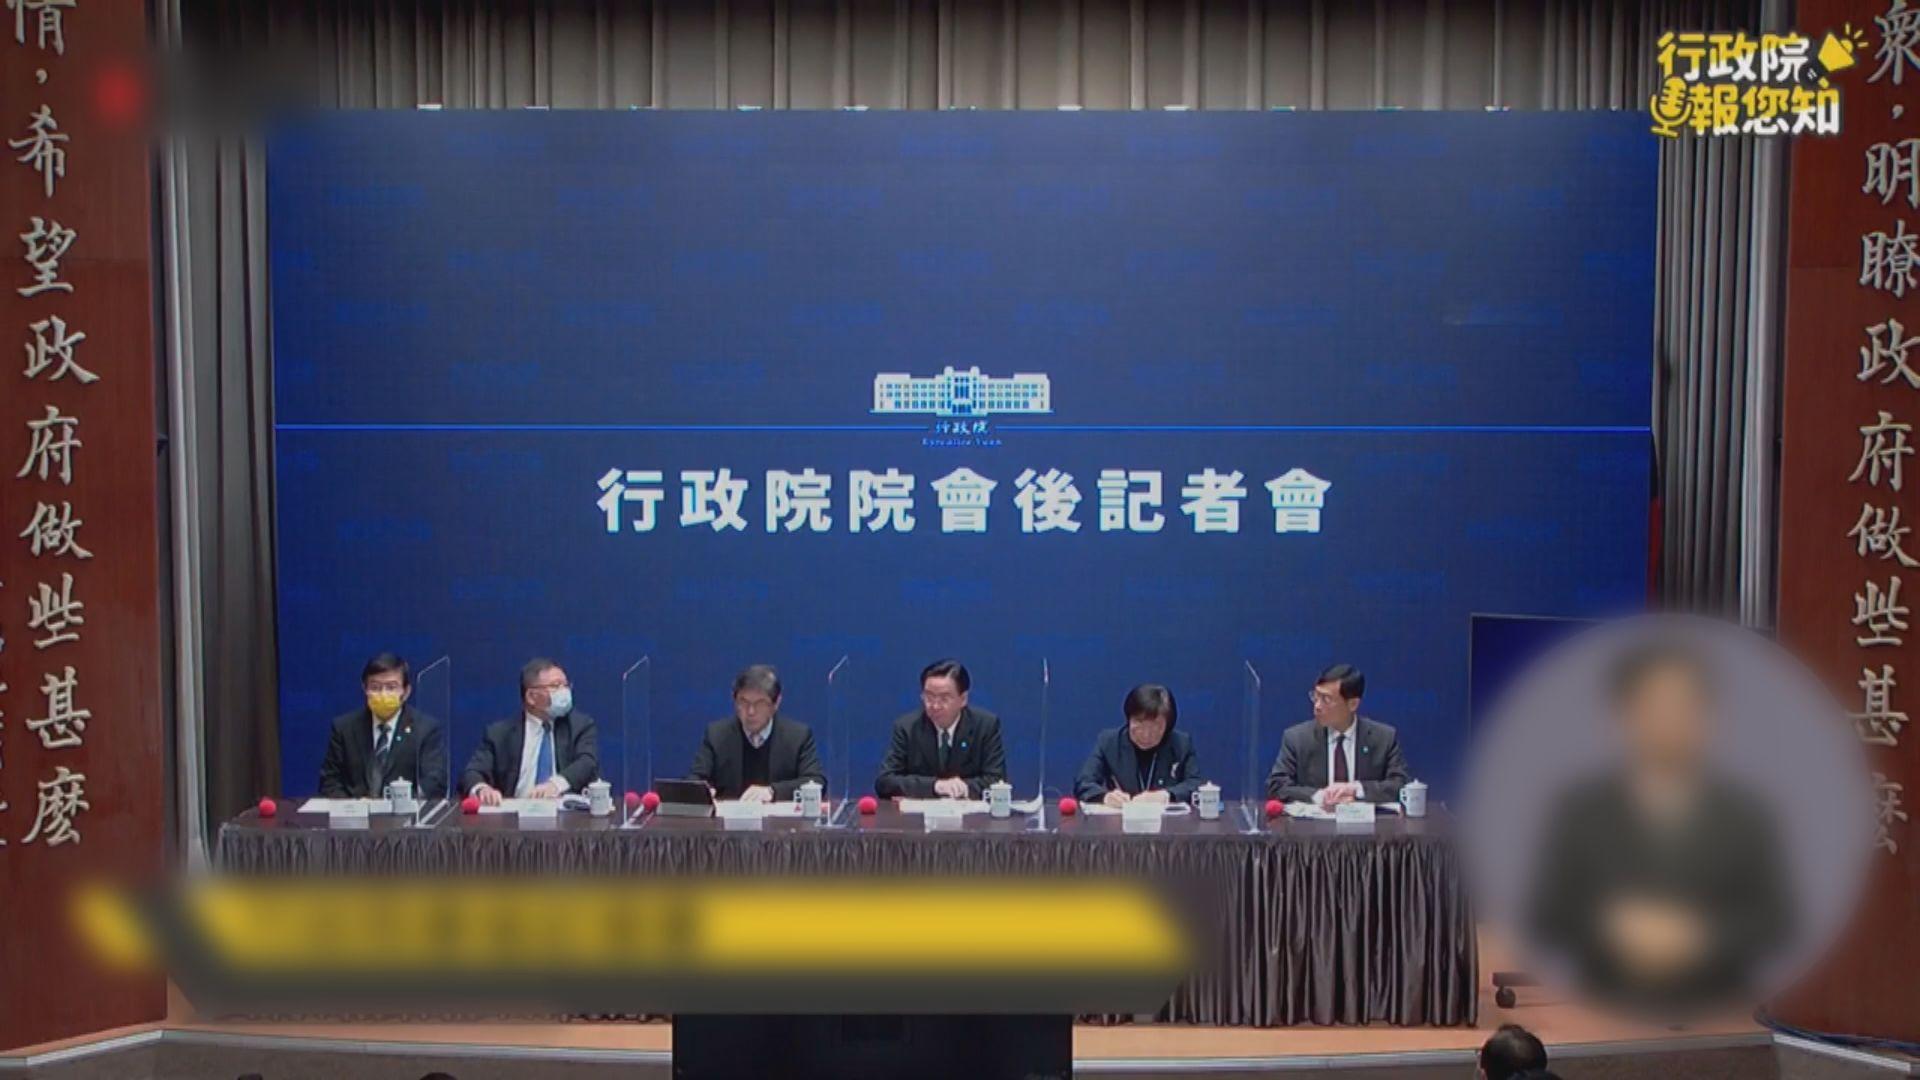 美台完成政治軍事視像對話 中方批違一個中國原則